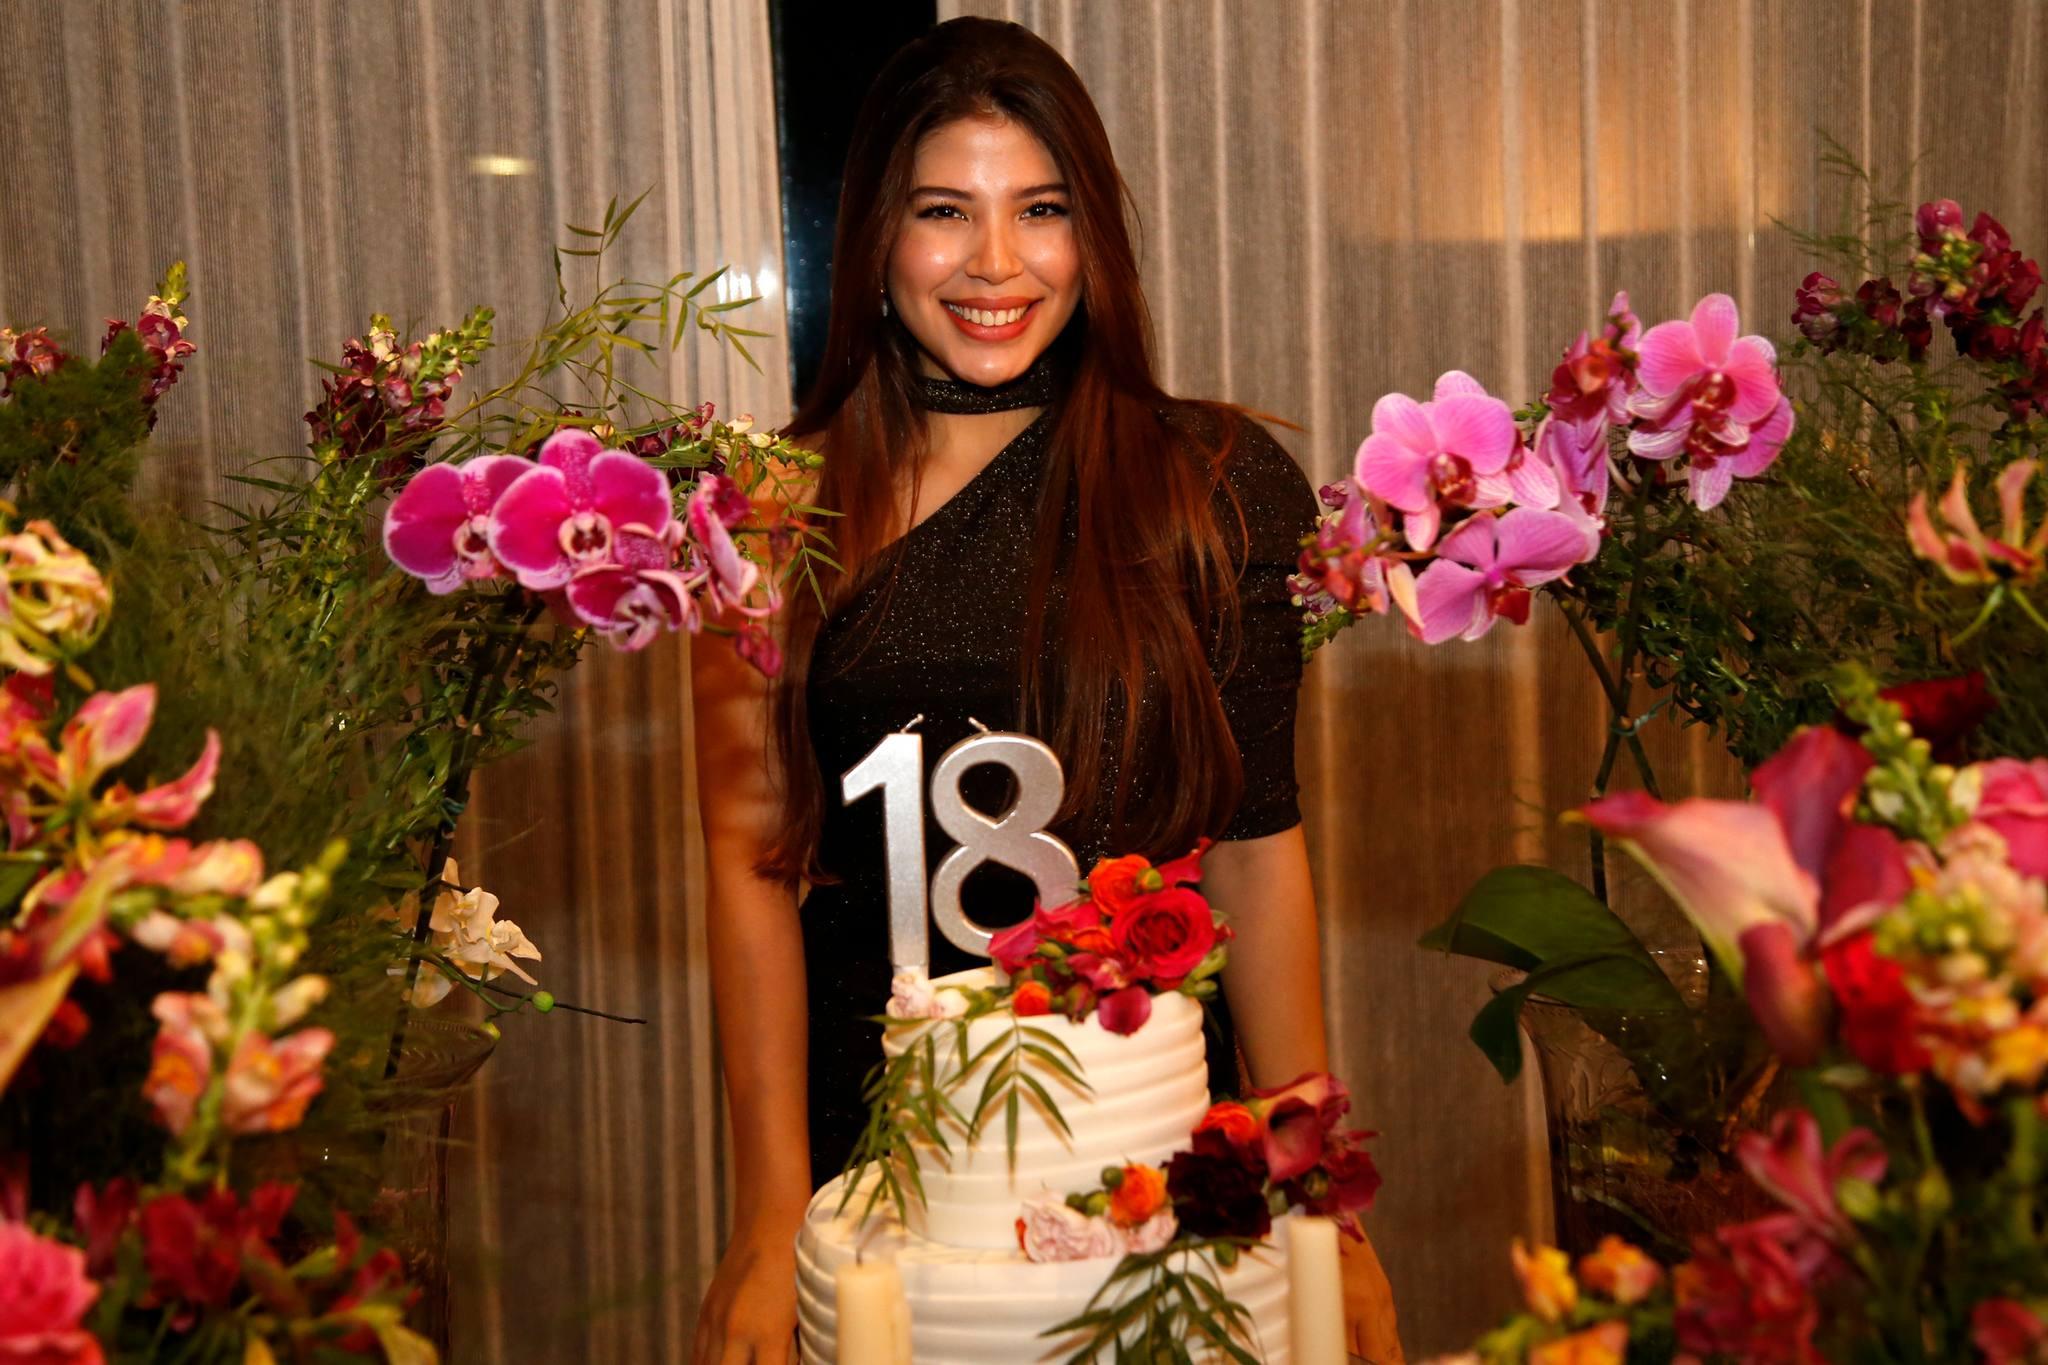 Lara Holanda celebra seus 18 anos com festa animada no endereço dos avós, Mana e Manoel Holanda